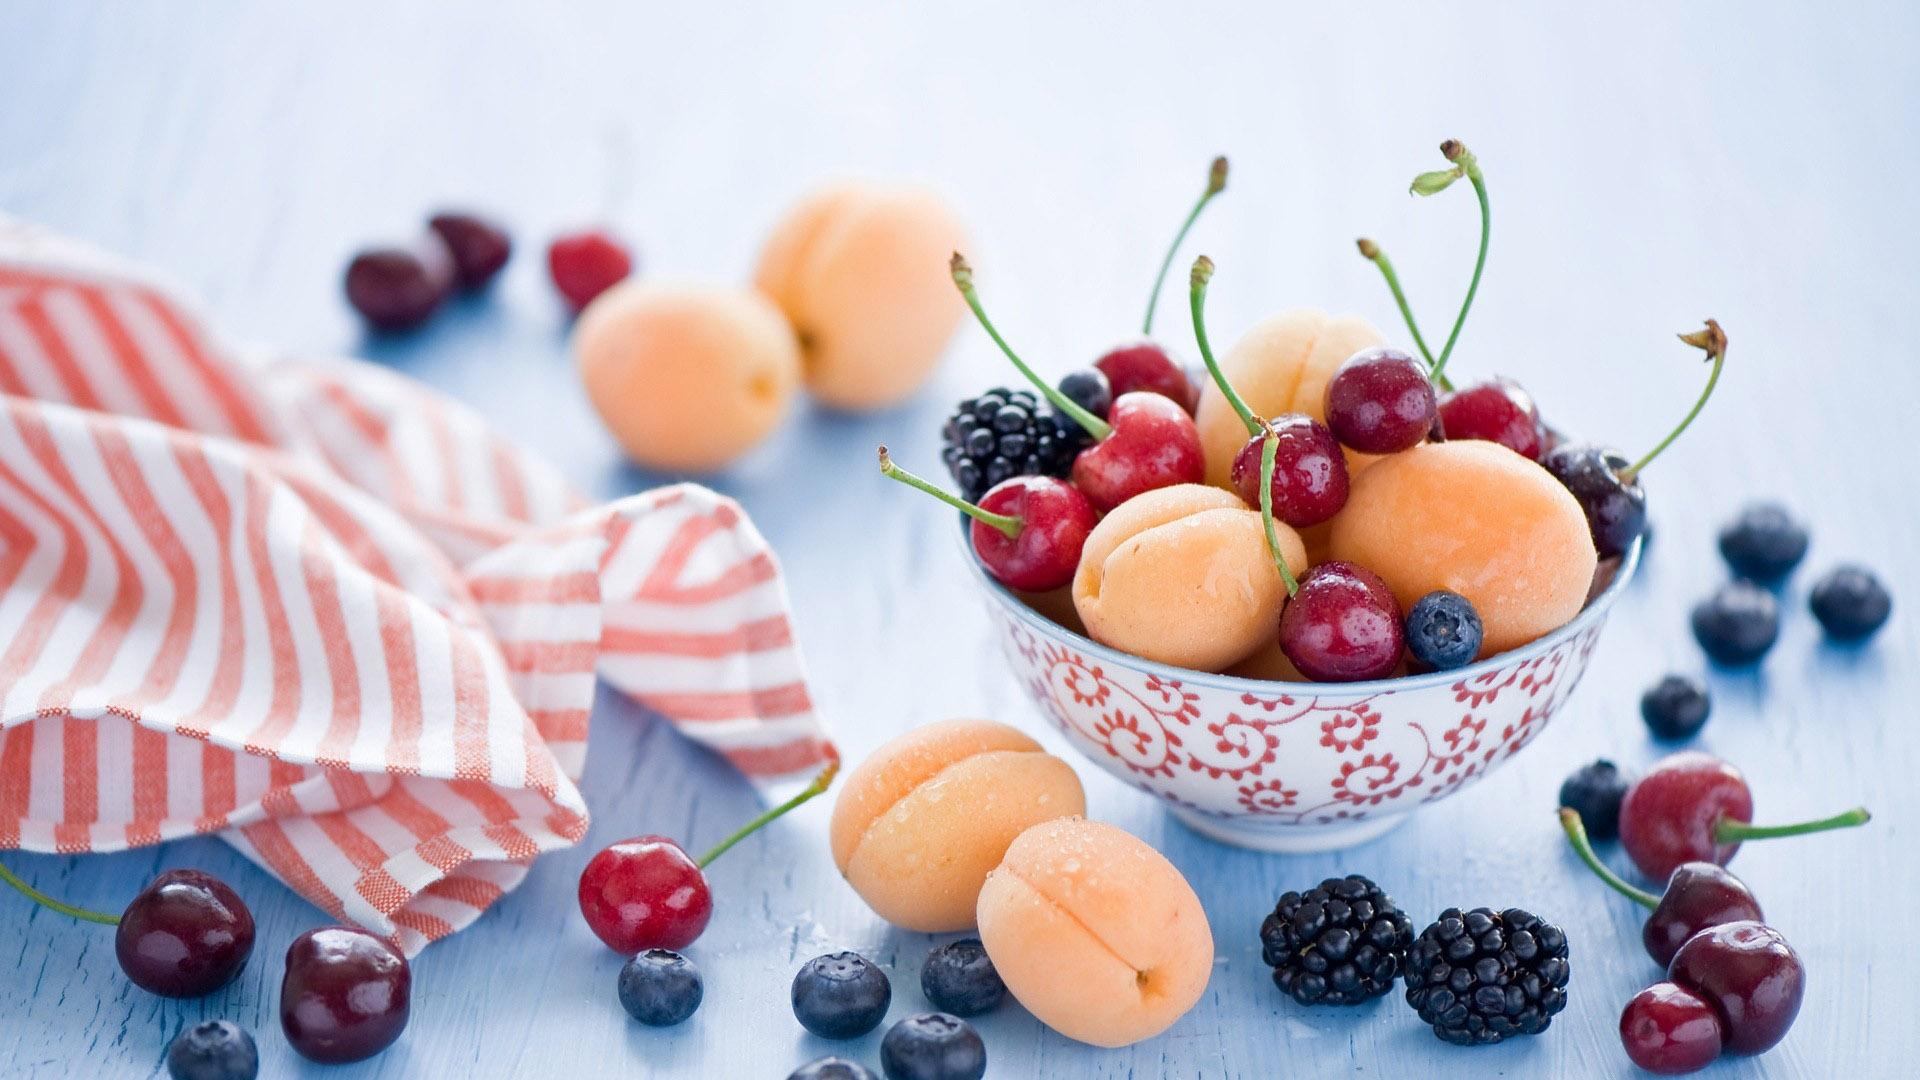 Красивые картинки еды на рабочий стол - скачать бесплатно, обои еды 3